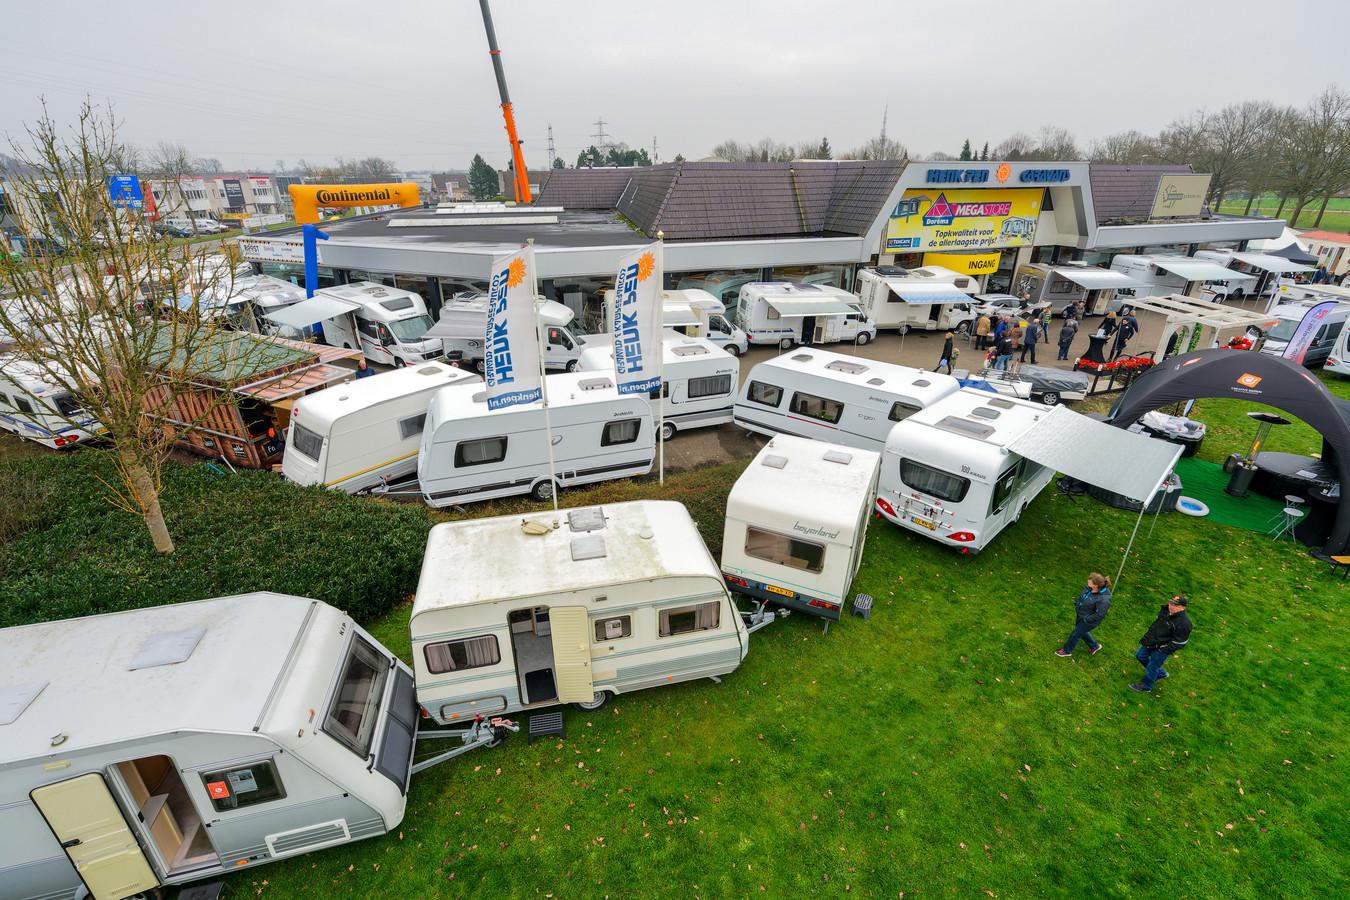 HAAKSBERGEN - Camperbeurs Henk Pen Caravans Westsingel 2 7481 WK Haaksbergen  Expo. Grote caravan- en campershow. editie : EN    foto Wouter Borre DTCT  WB20180113